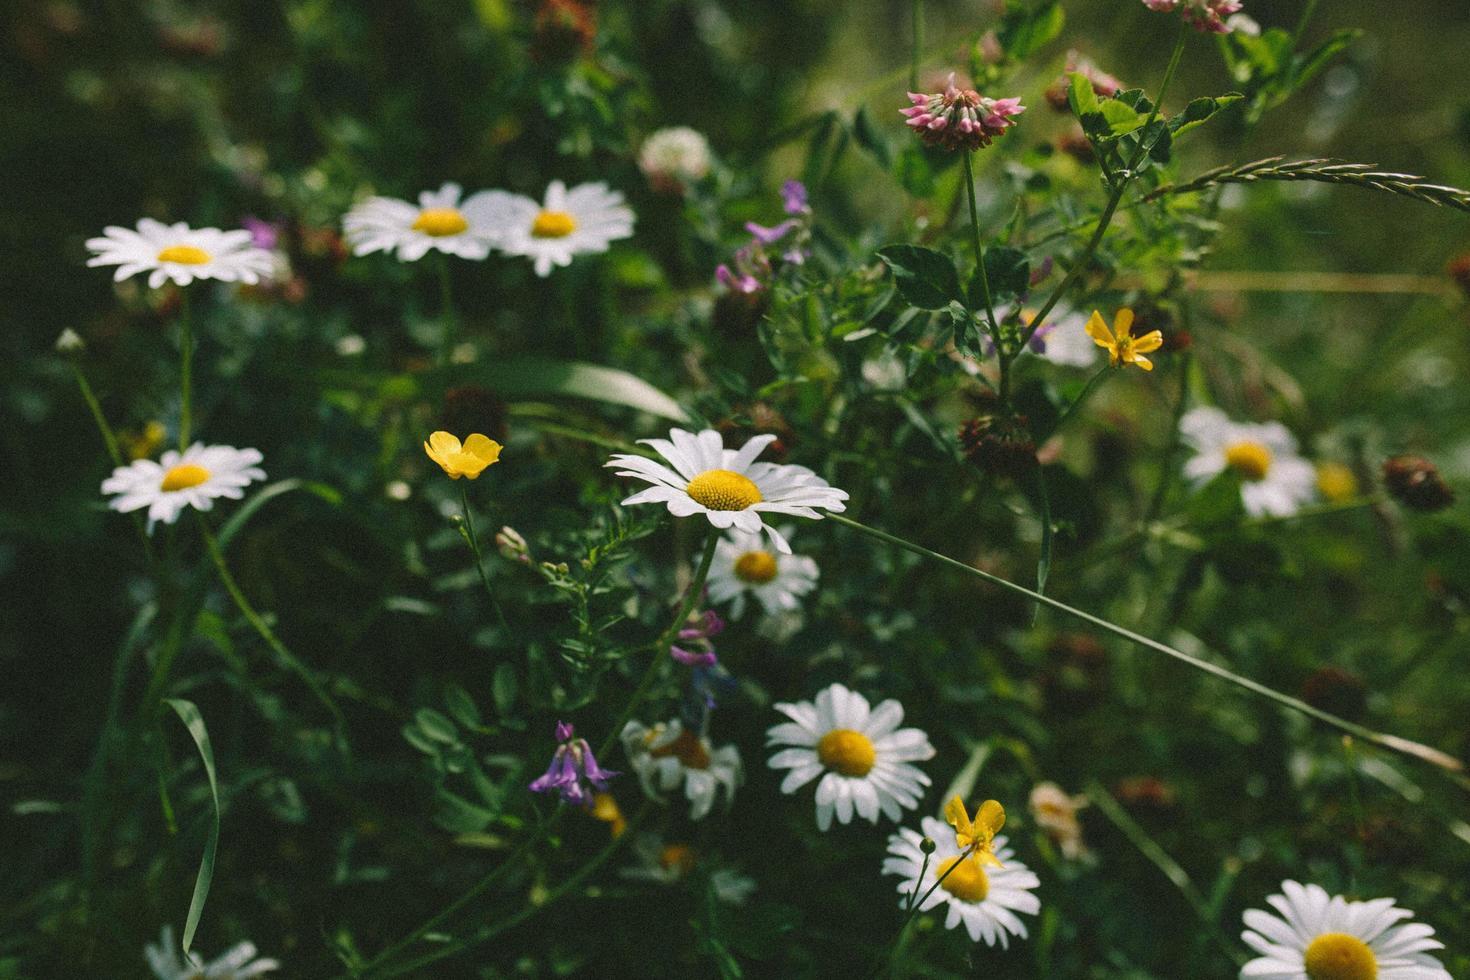 fleurs blanches et jaunes dans l'objectif tilt shift photo